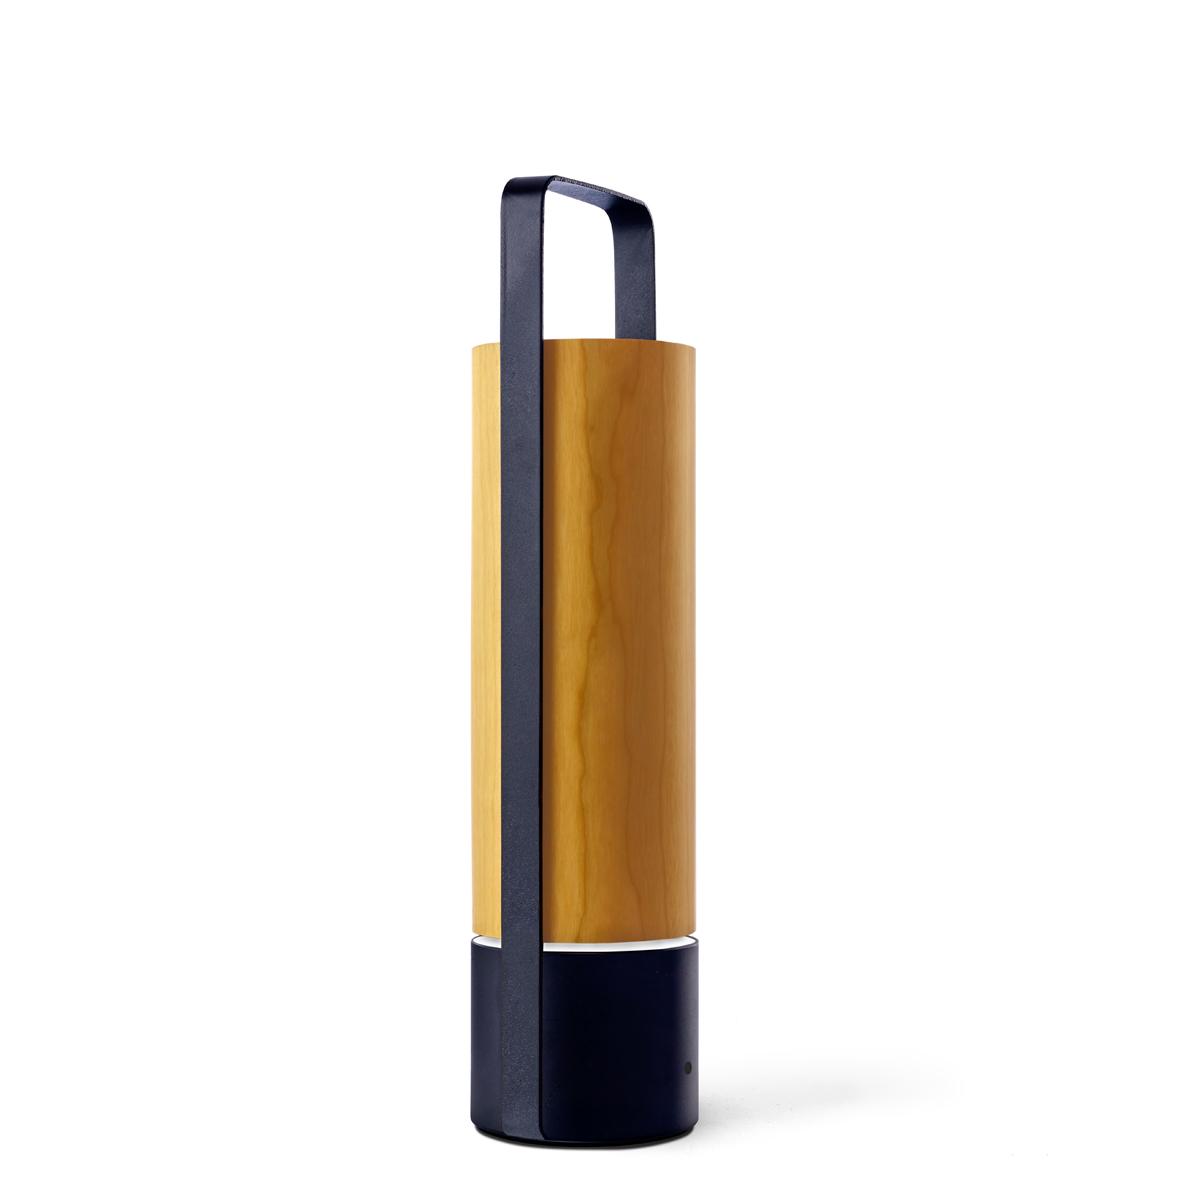 LZF Lamps Piknik LED Akkuleuchte PKNK M BK LED 24